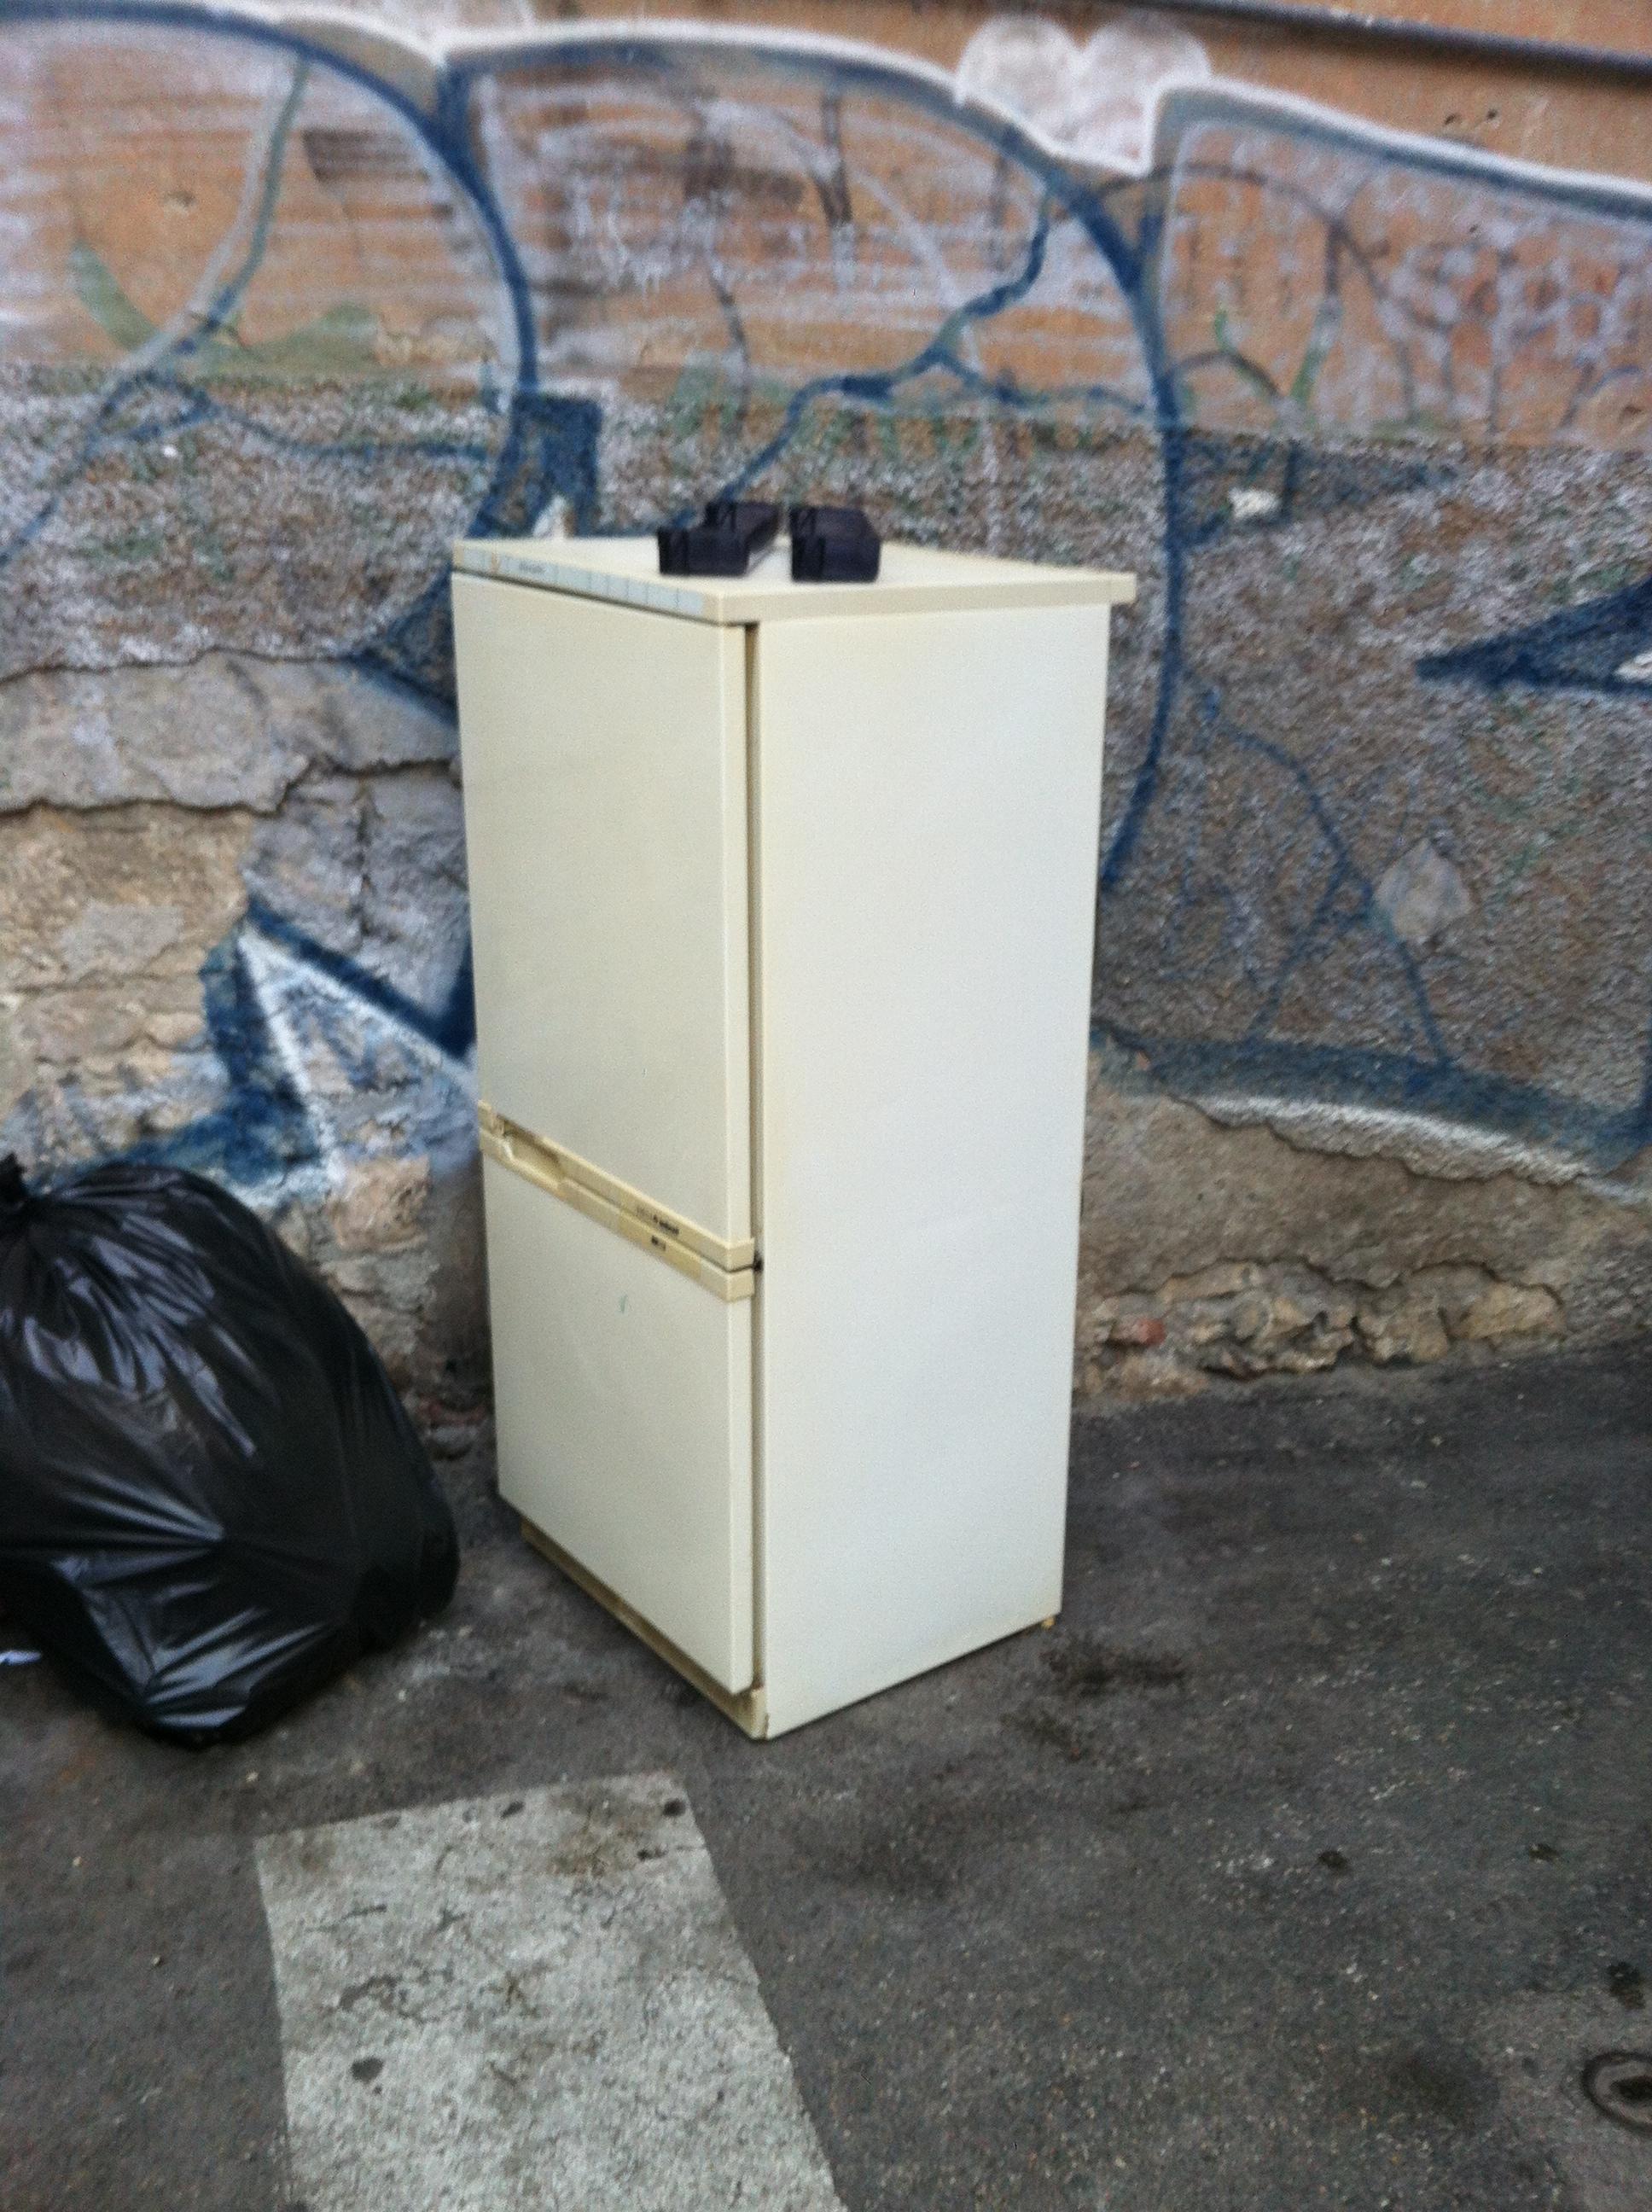 Il frigorifero abbandonato